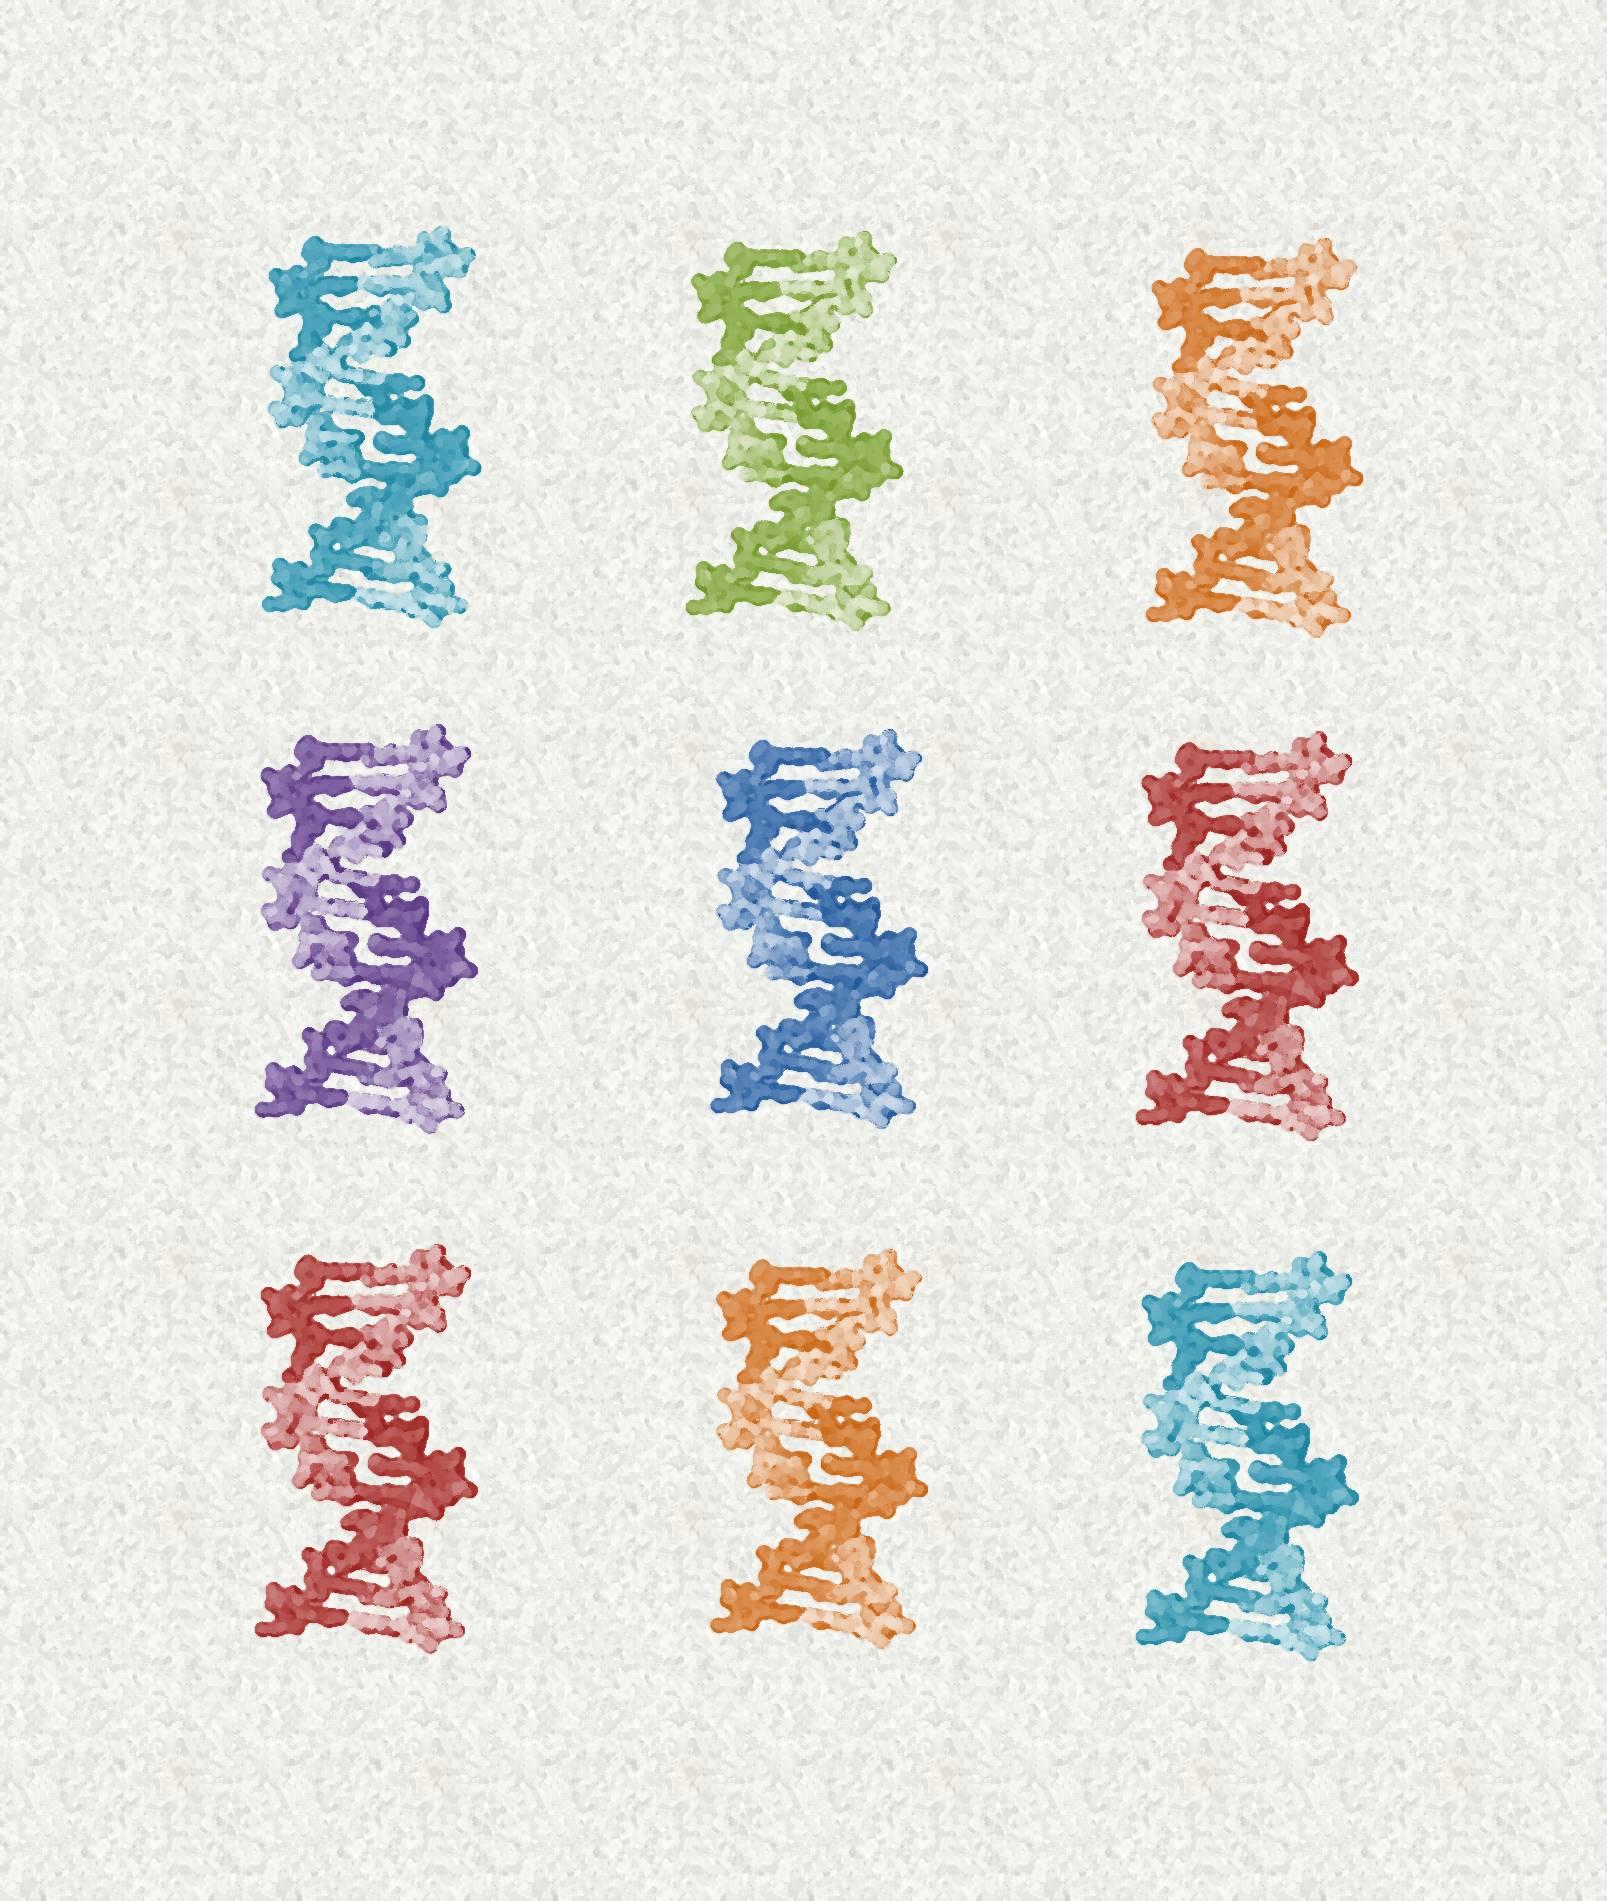 malinterpretación información genética